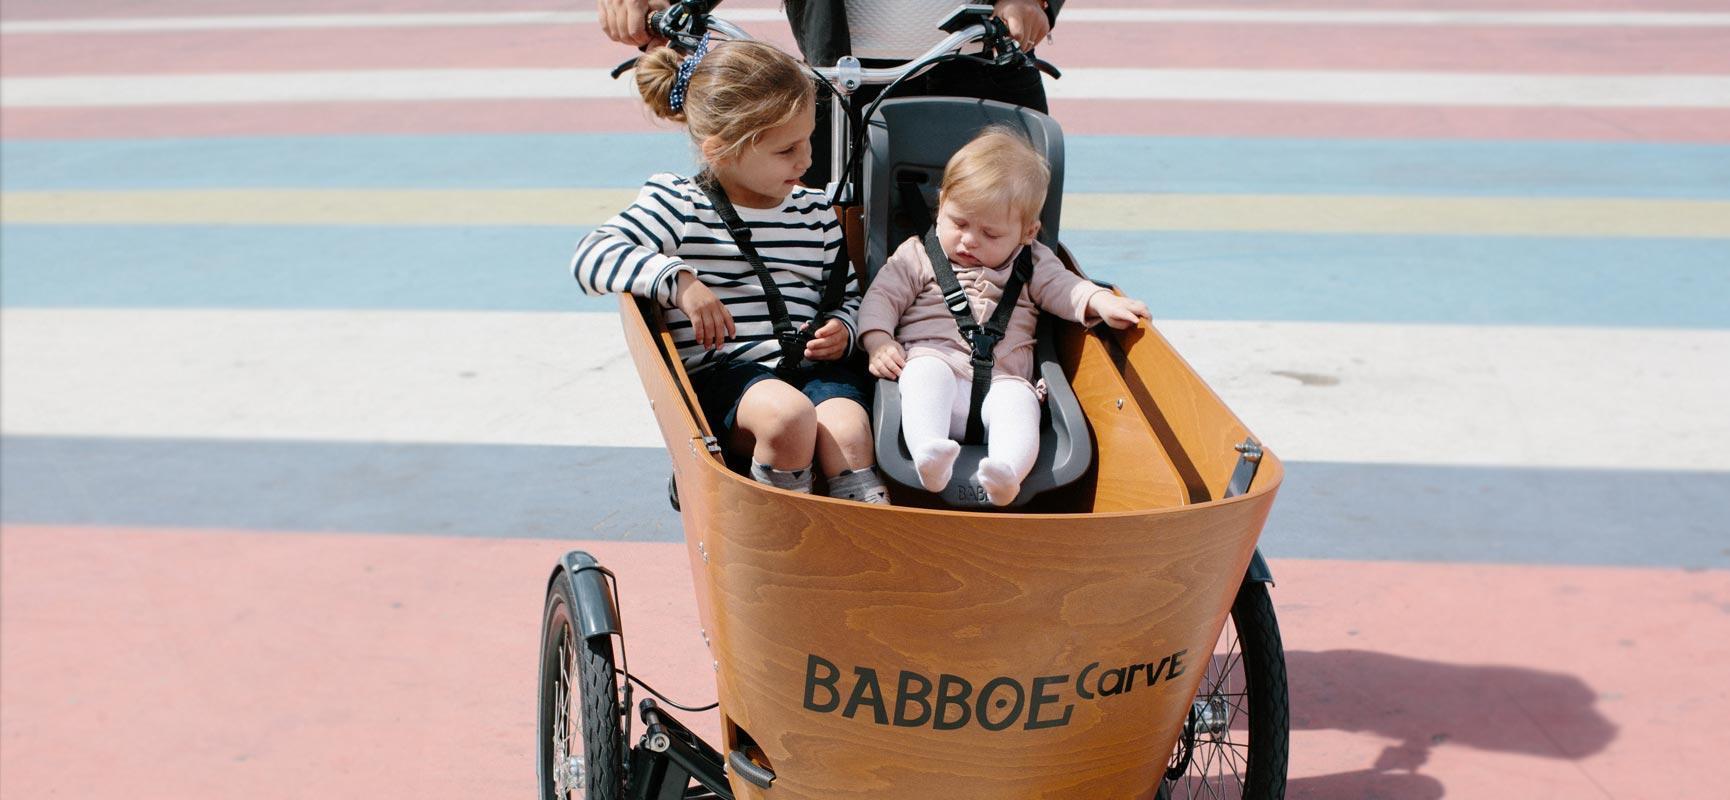 Babboe Carve test